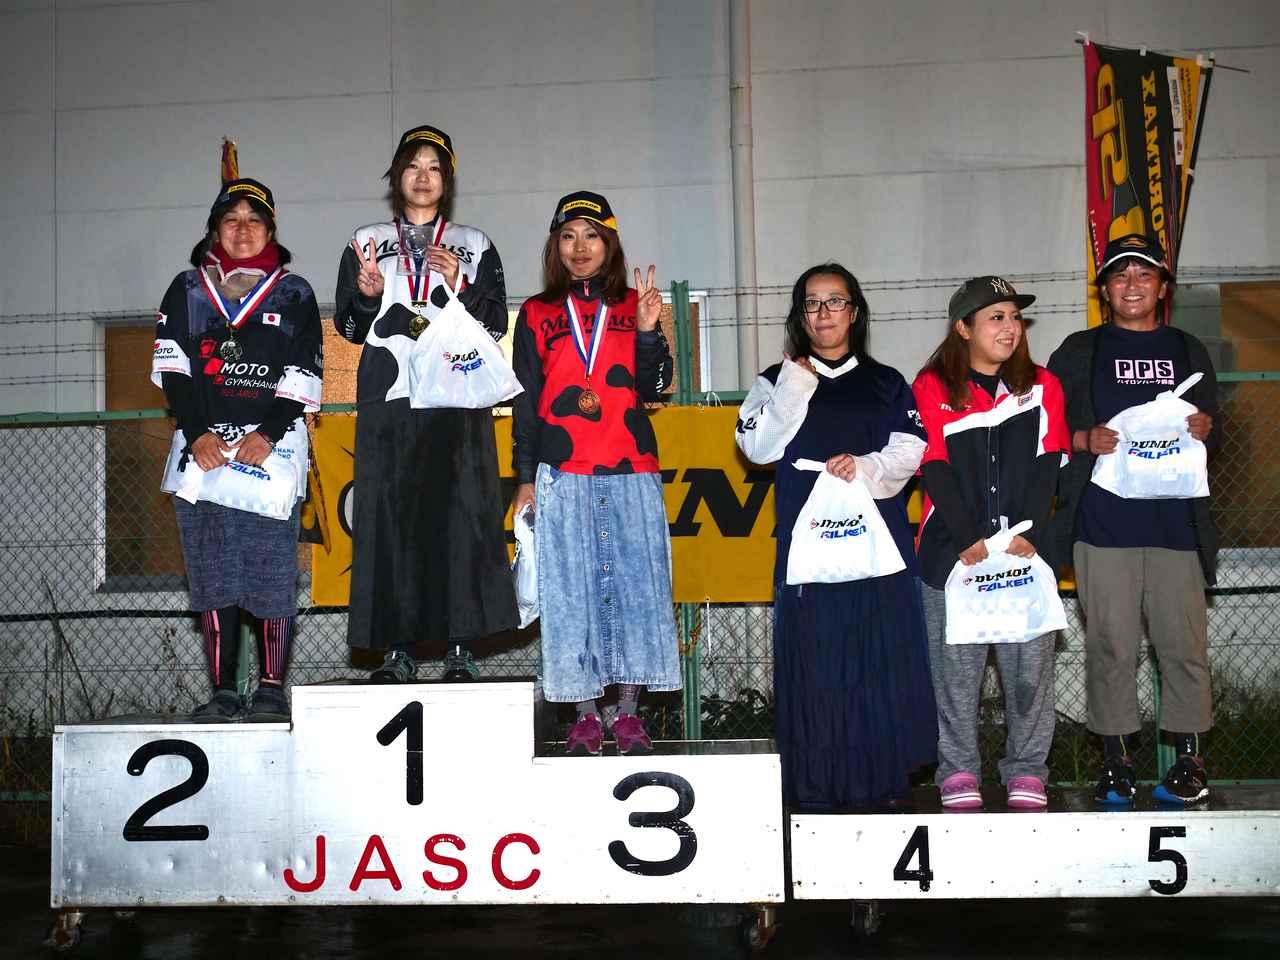 画像: 1位・山内沙世(C1級)、2位・伊藤華子(C1級)、3位・木津谷香織(C1級)、4位・本間君枝(C1級)、5位・山田 翼(C1級)、6位・中嶋ちはる(C1級)